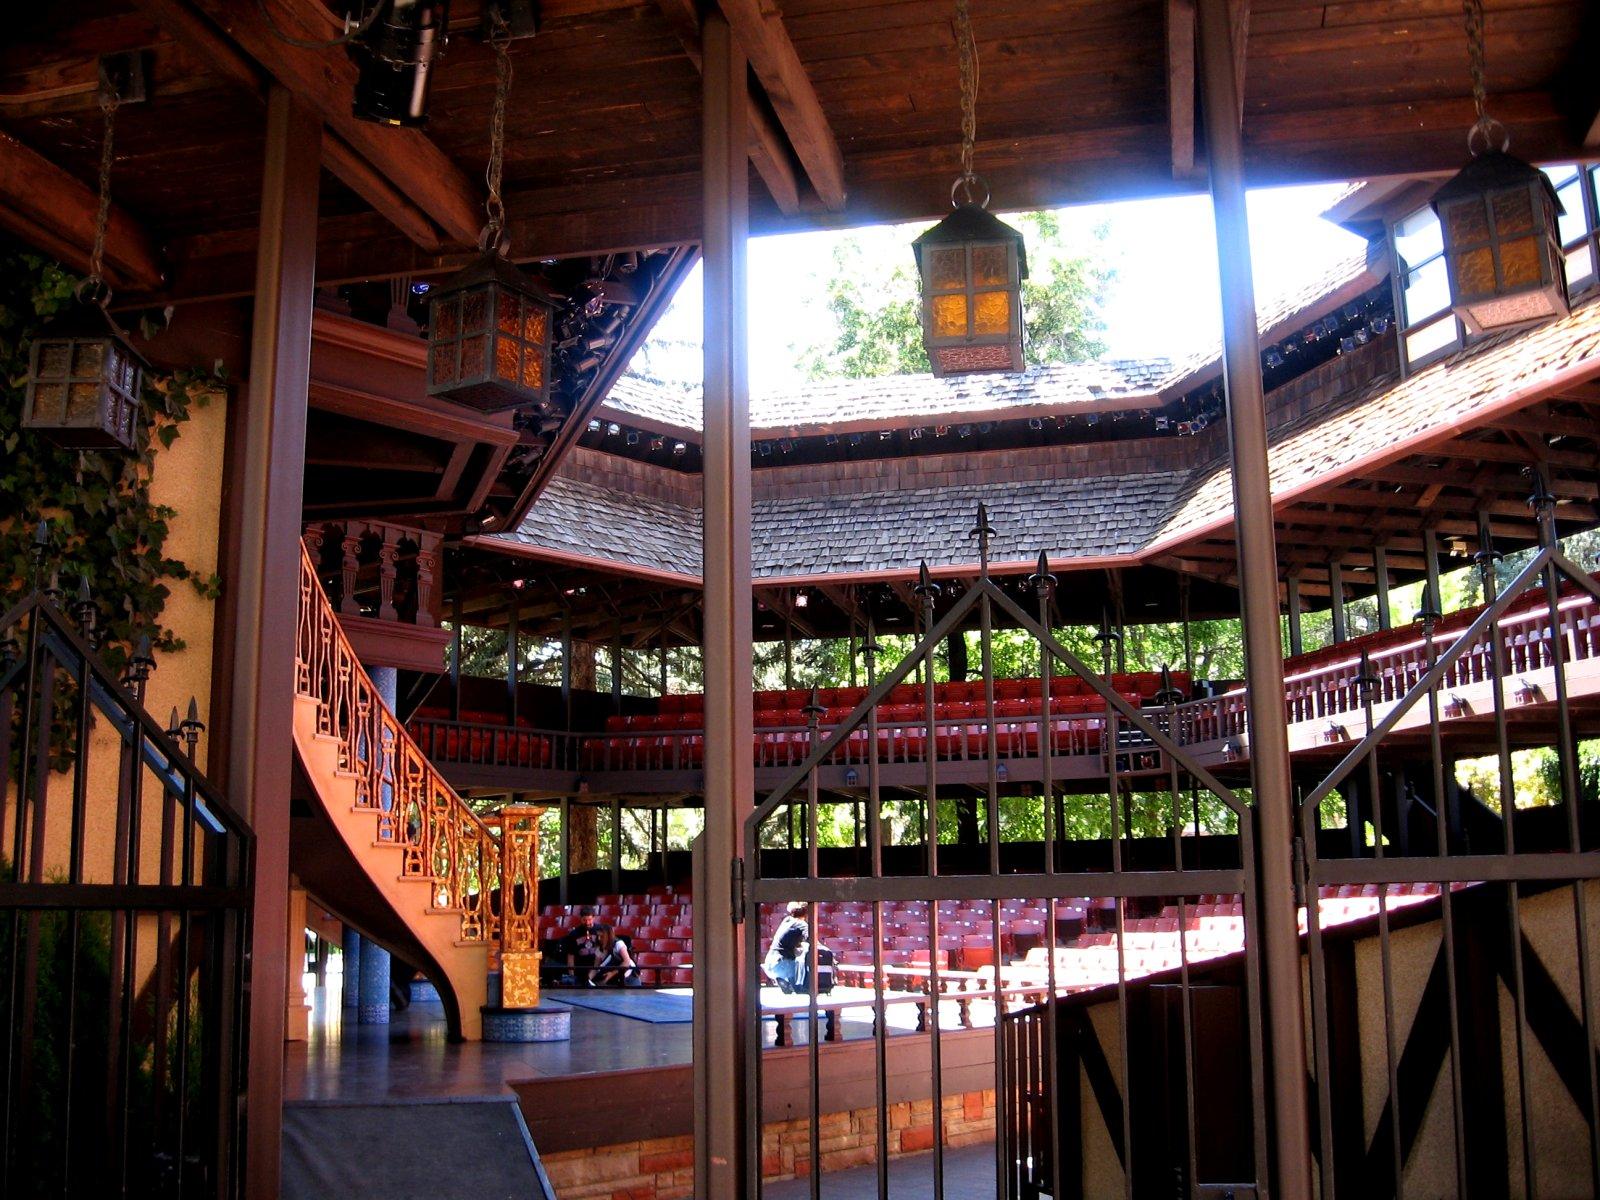 Interior of the Adams Memorial Theater, a replica of the Globe Theatre